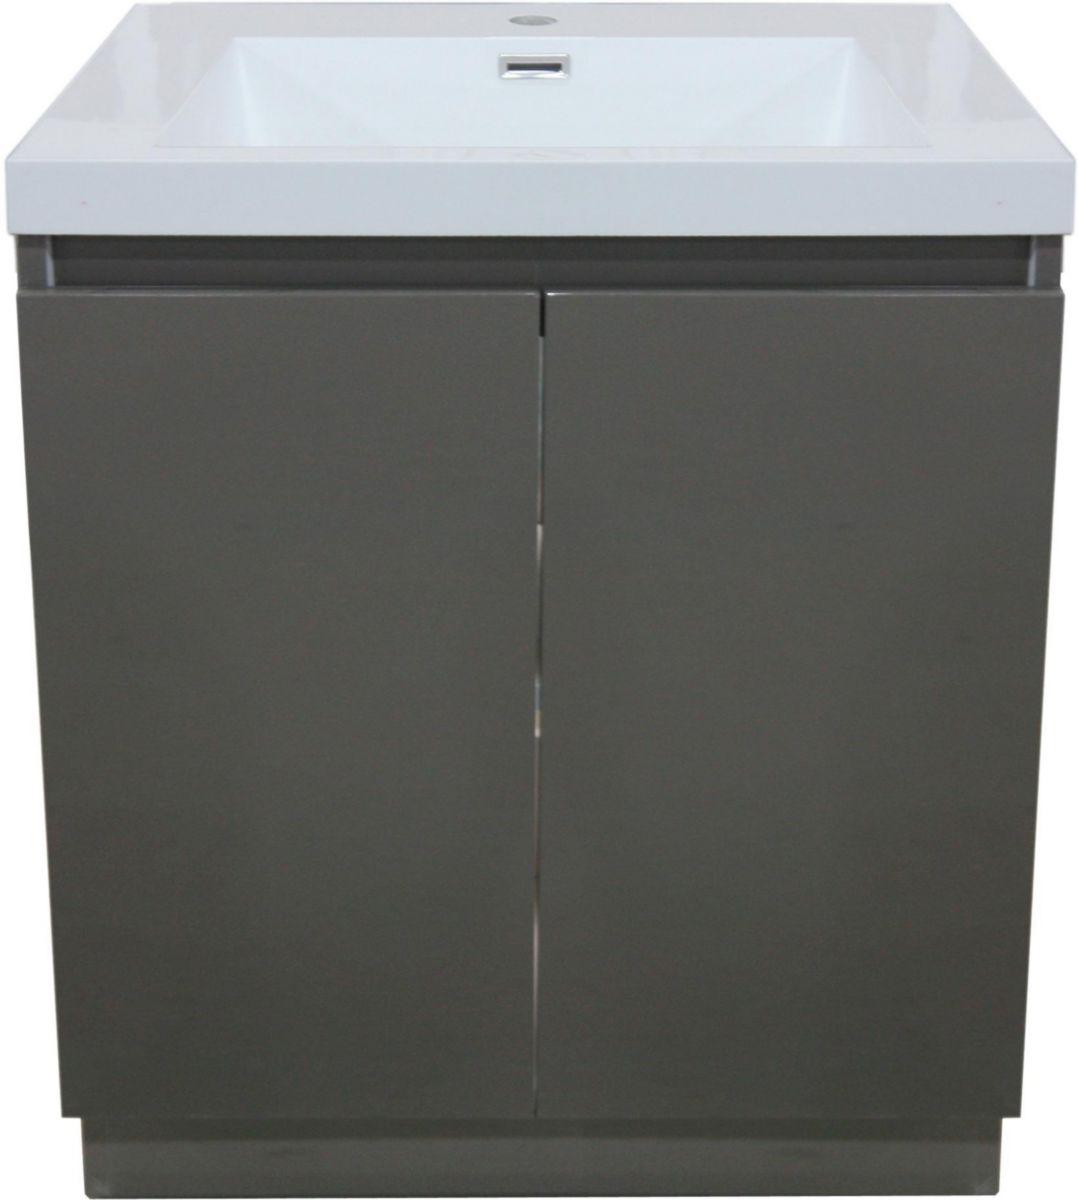 meuble sous vasque primeo 70 cm au sol 2 portes gris alterna. Black Bedroom Furniture Sets. Home Design Ideas